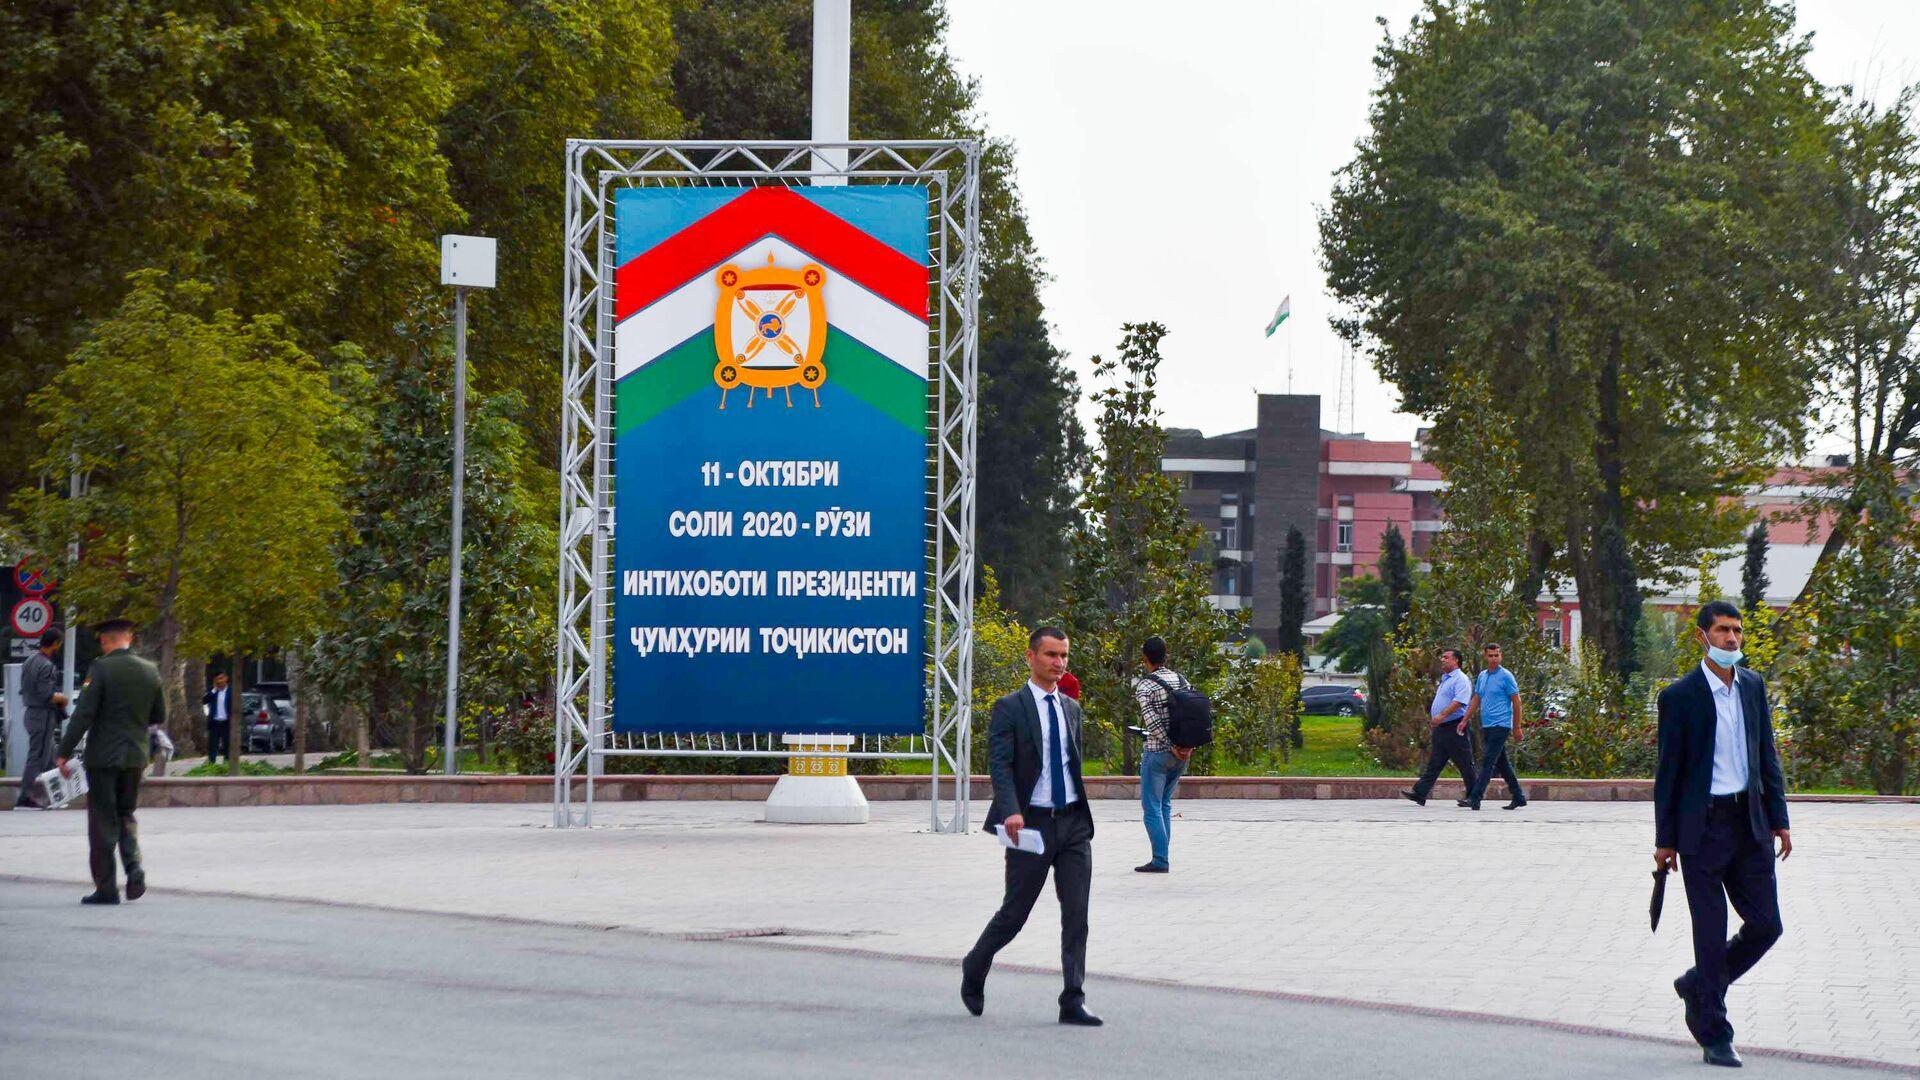 Предвыборные агитационные плакаты в Душанбе - РИА Новости, 1920, 12.10.2020